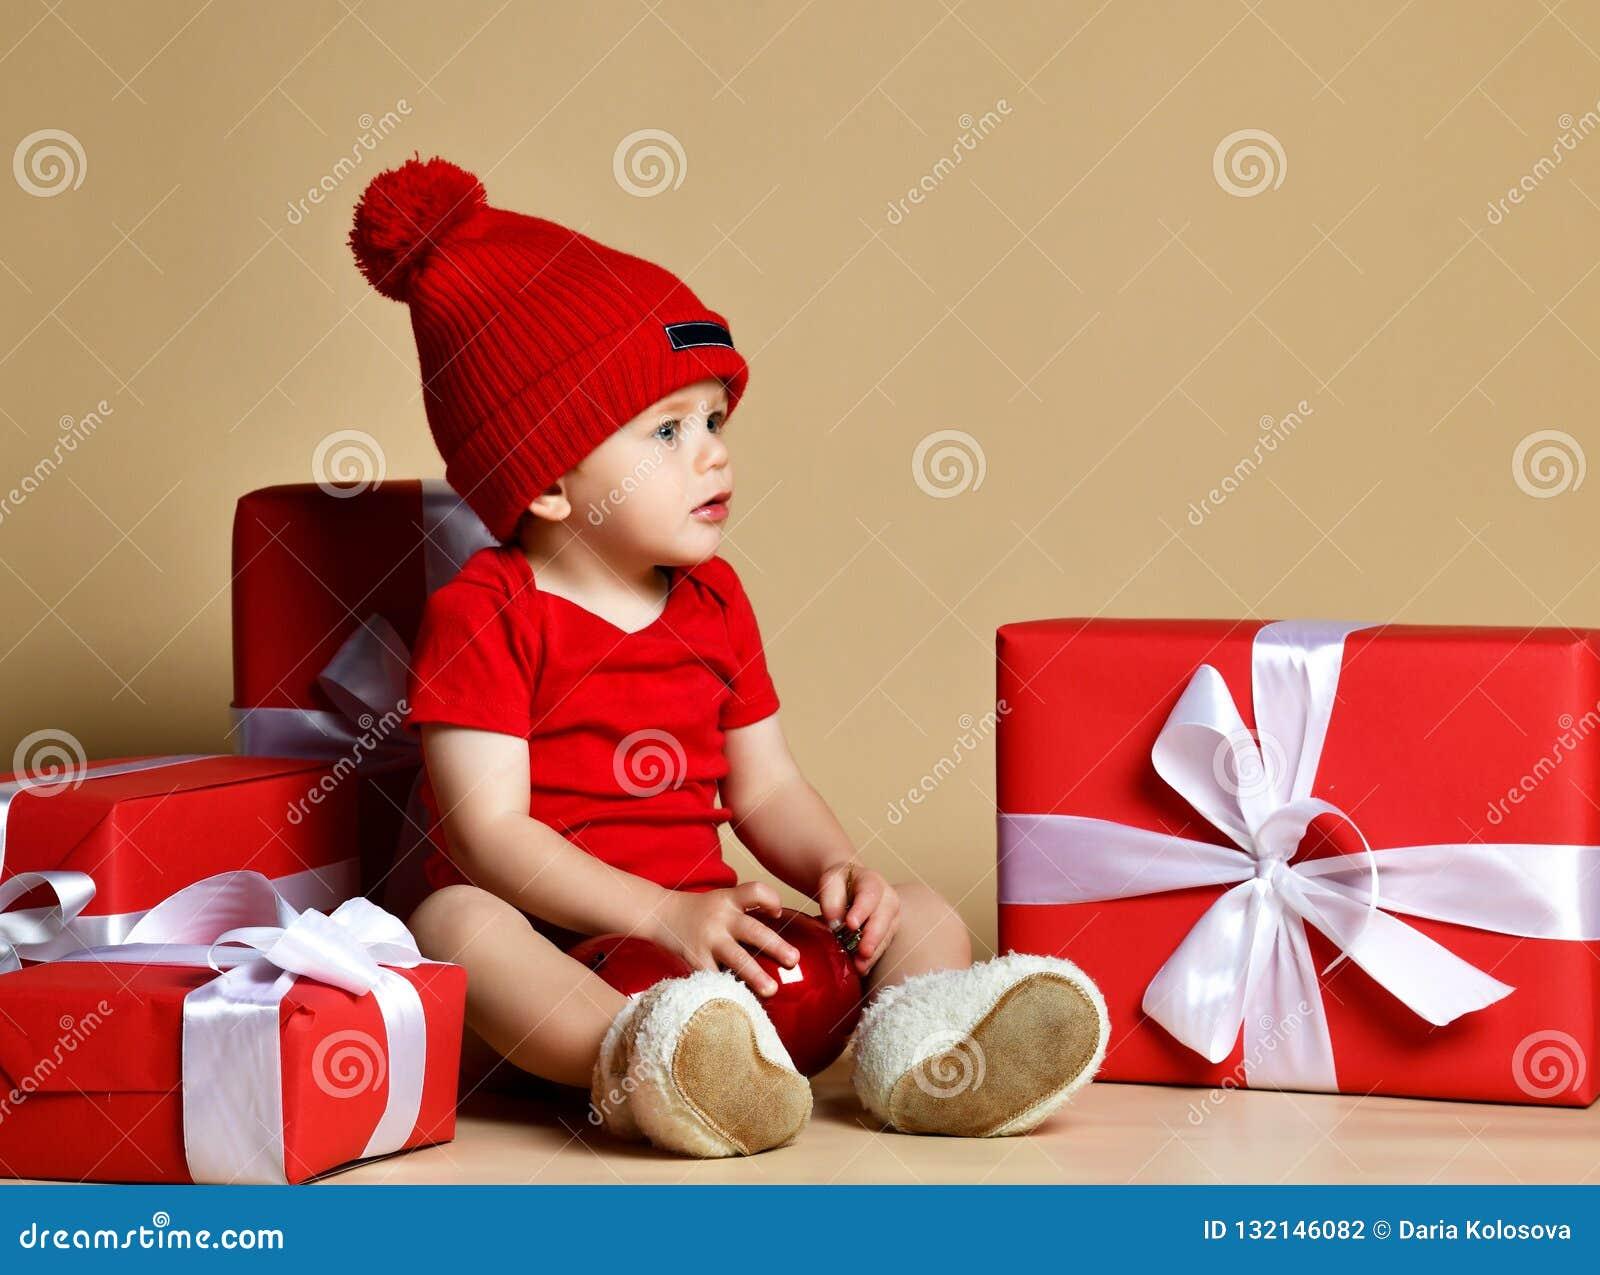 红色帽子的孩子有堆的在的当前箱子坐地板附近